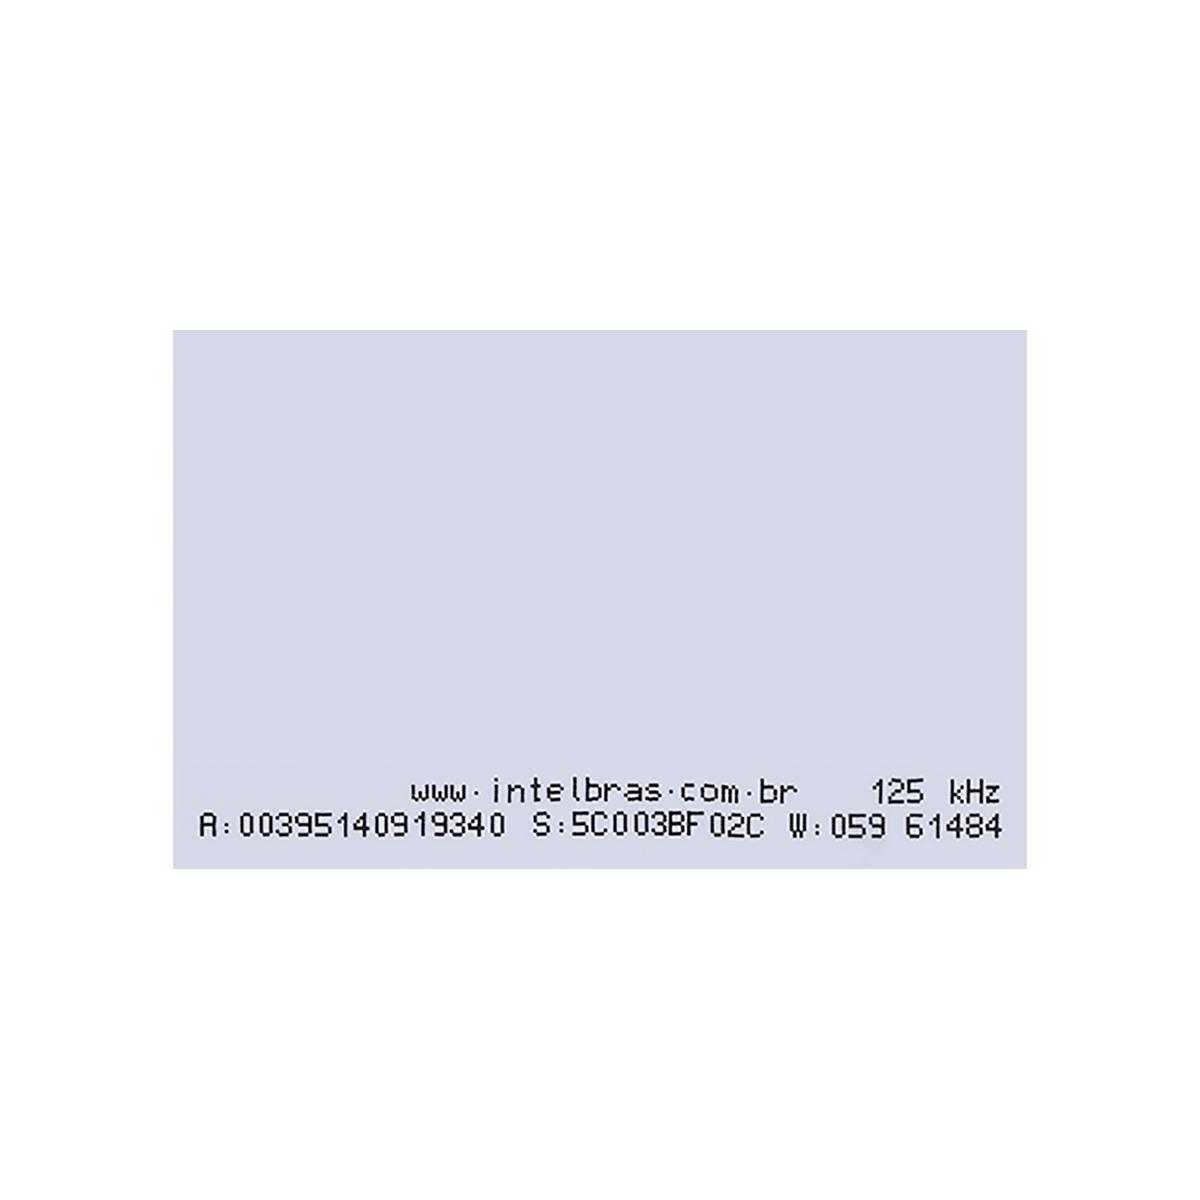 Cartão de acesso por proximidade intelbras RFID 125 kHz TH 2000  - JS Soluções em Segurança